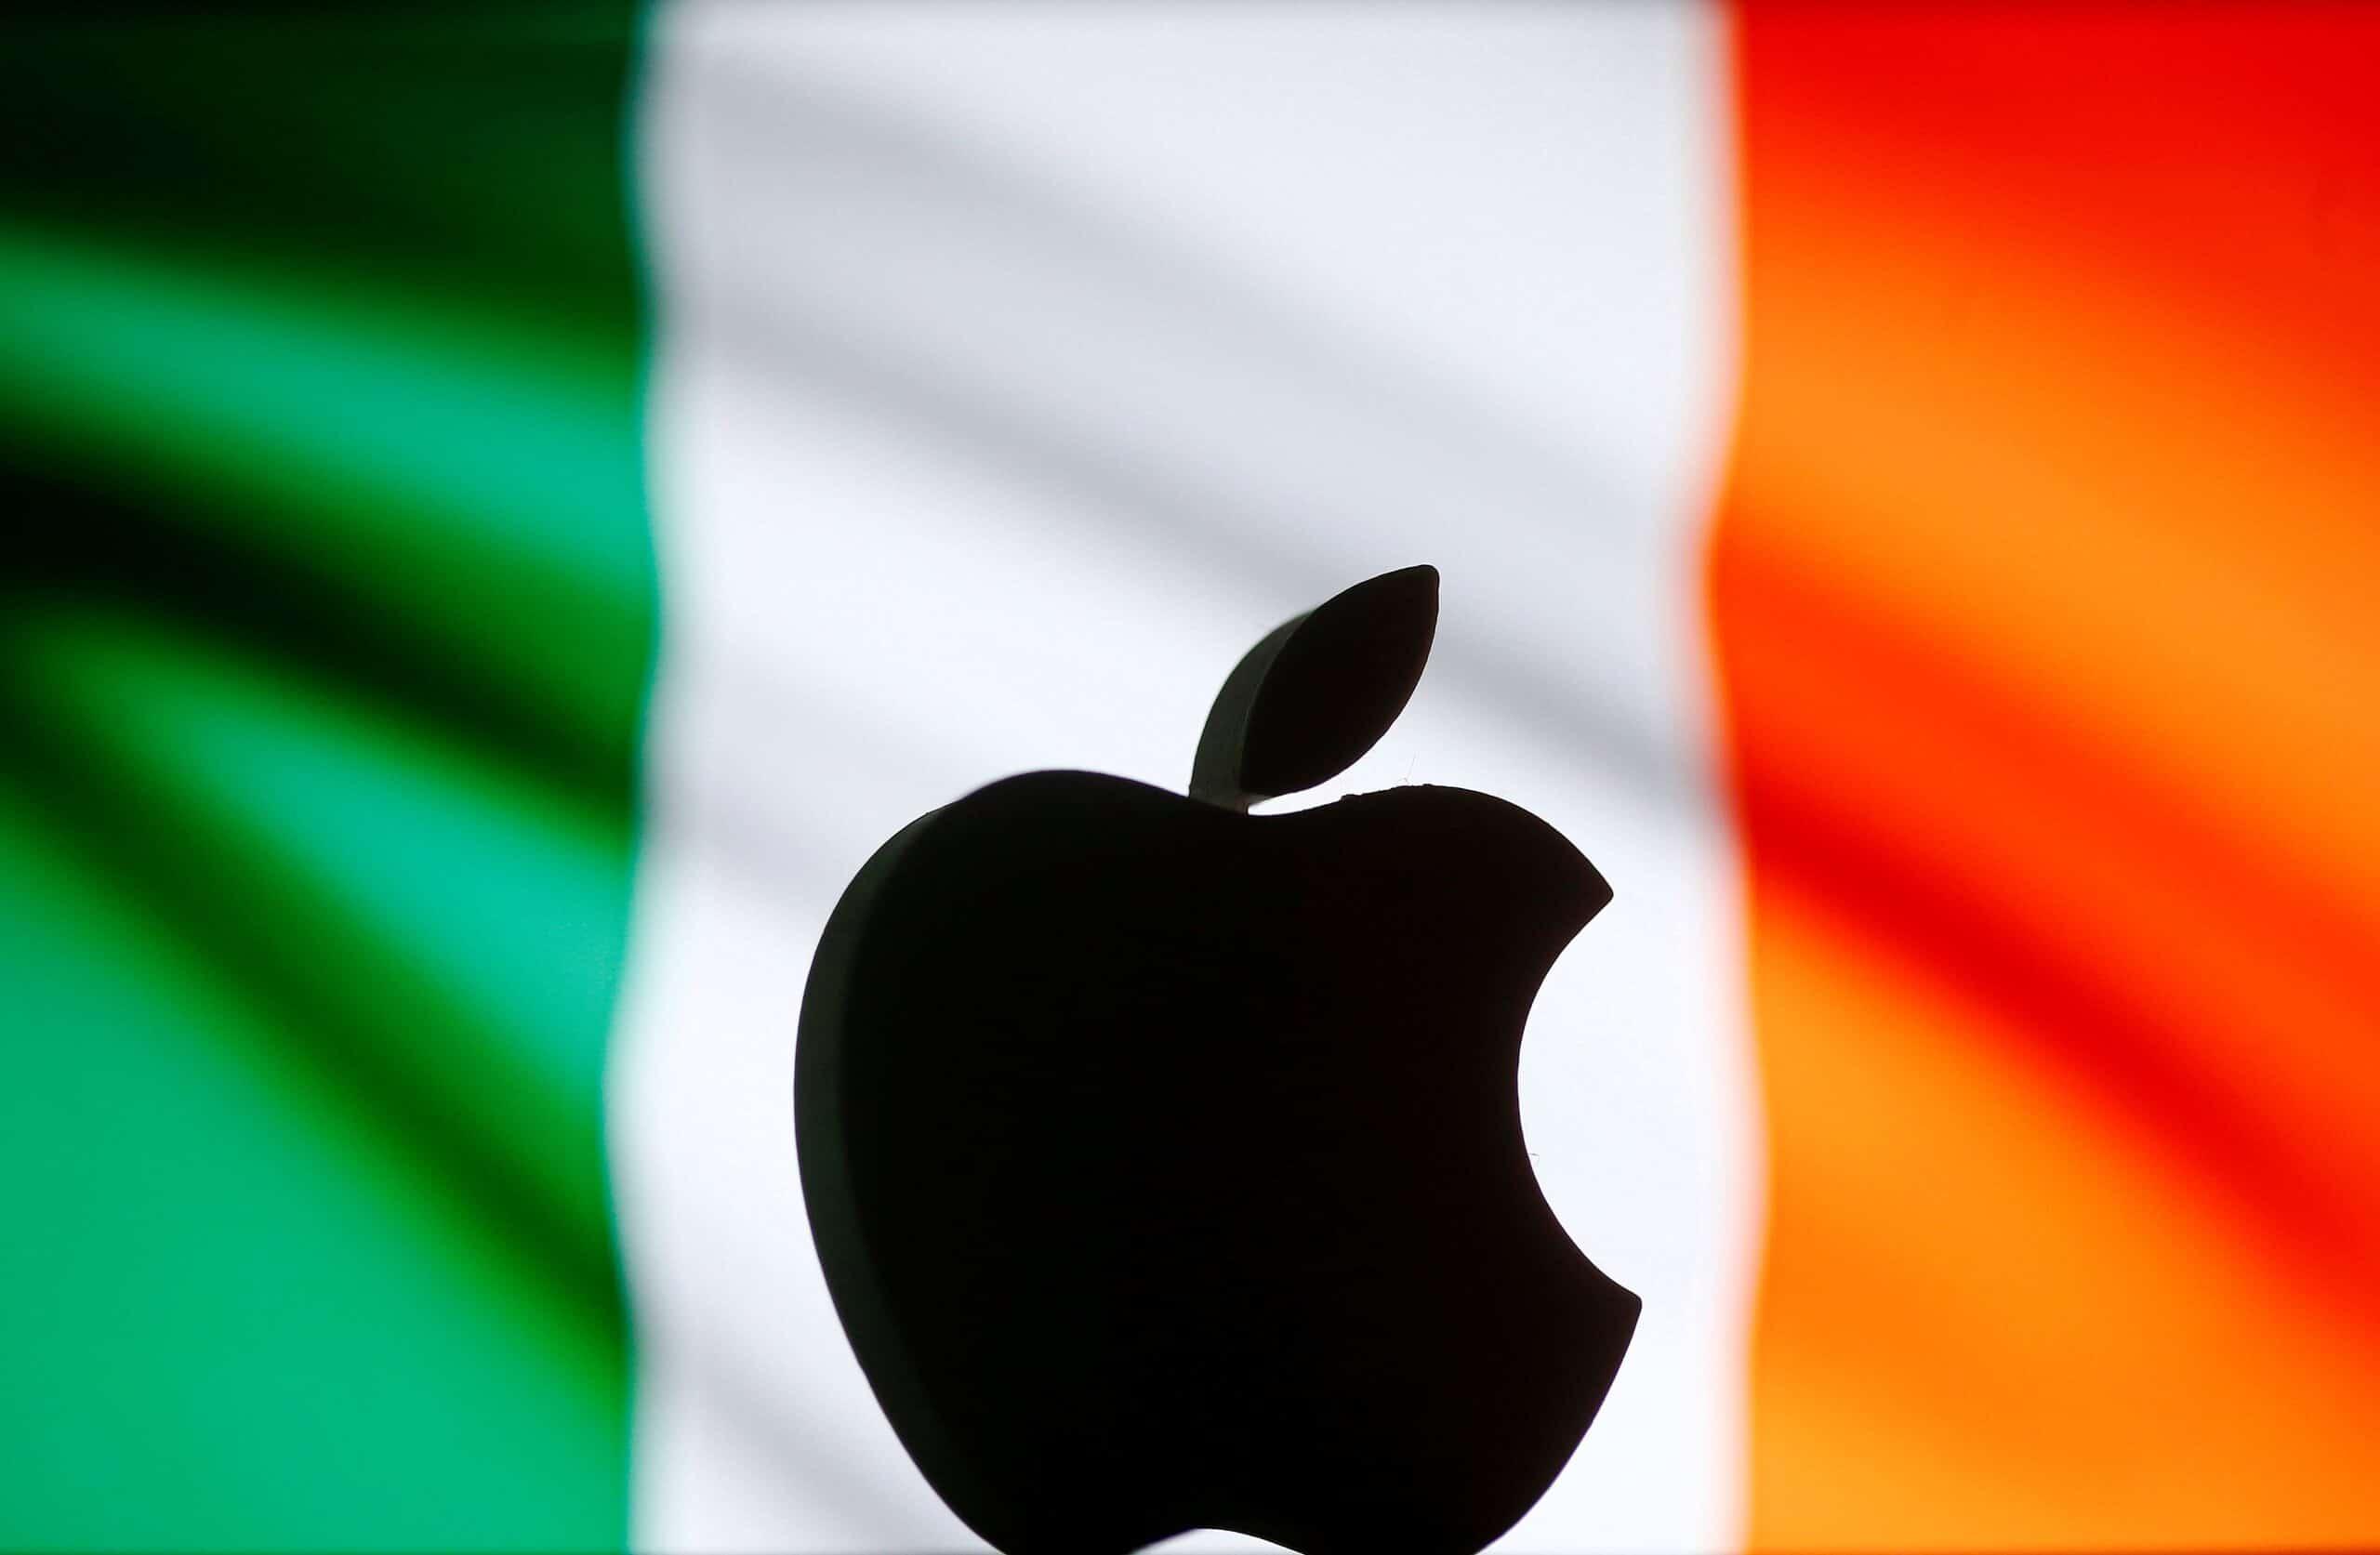 Logo da Apple e bandeira da Irlanda